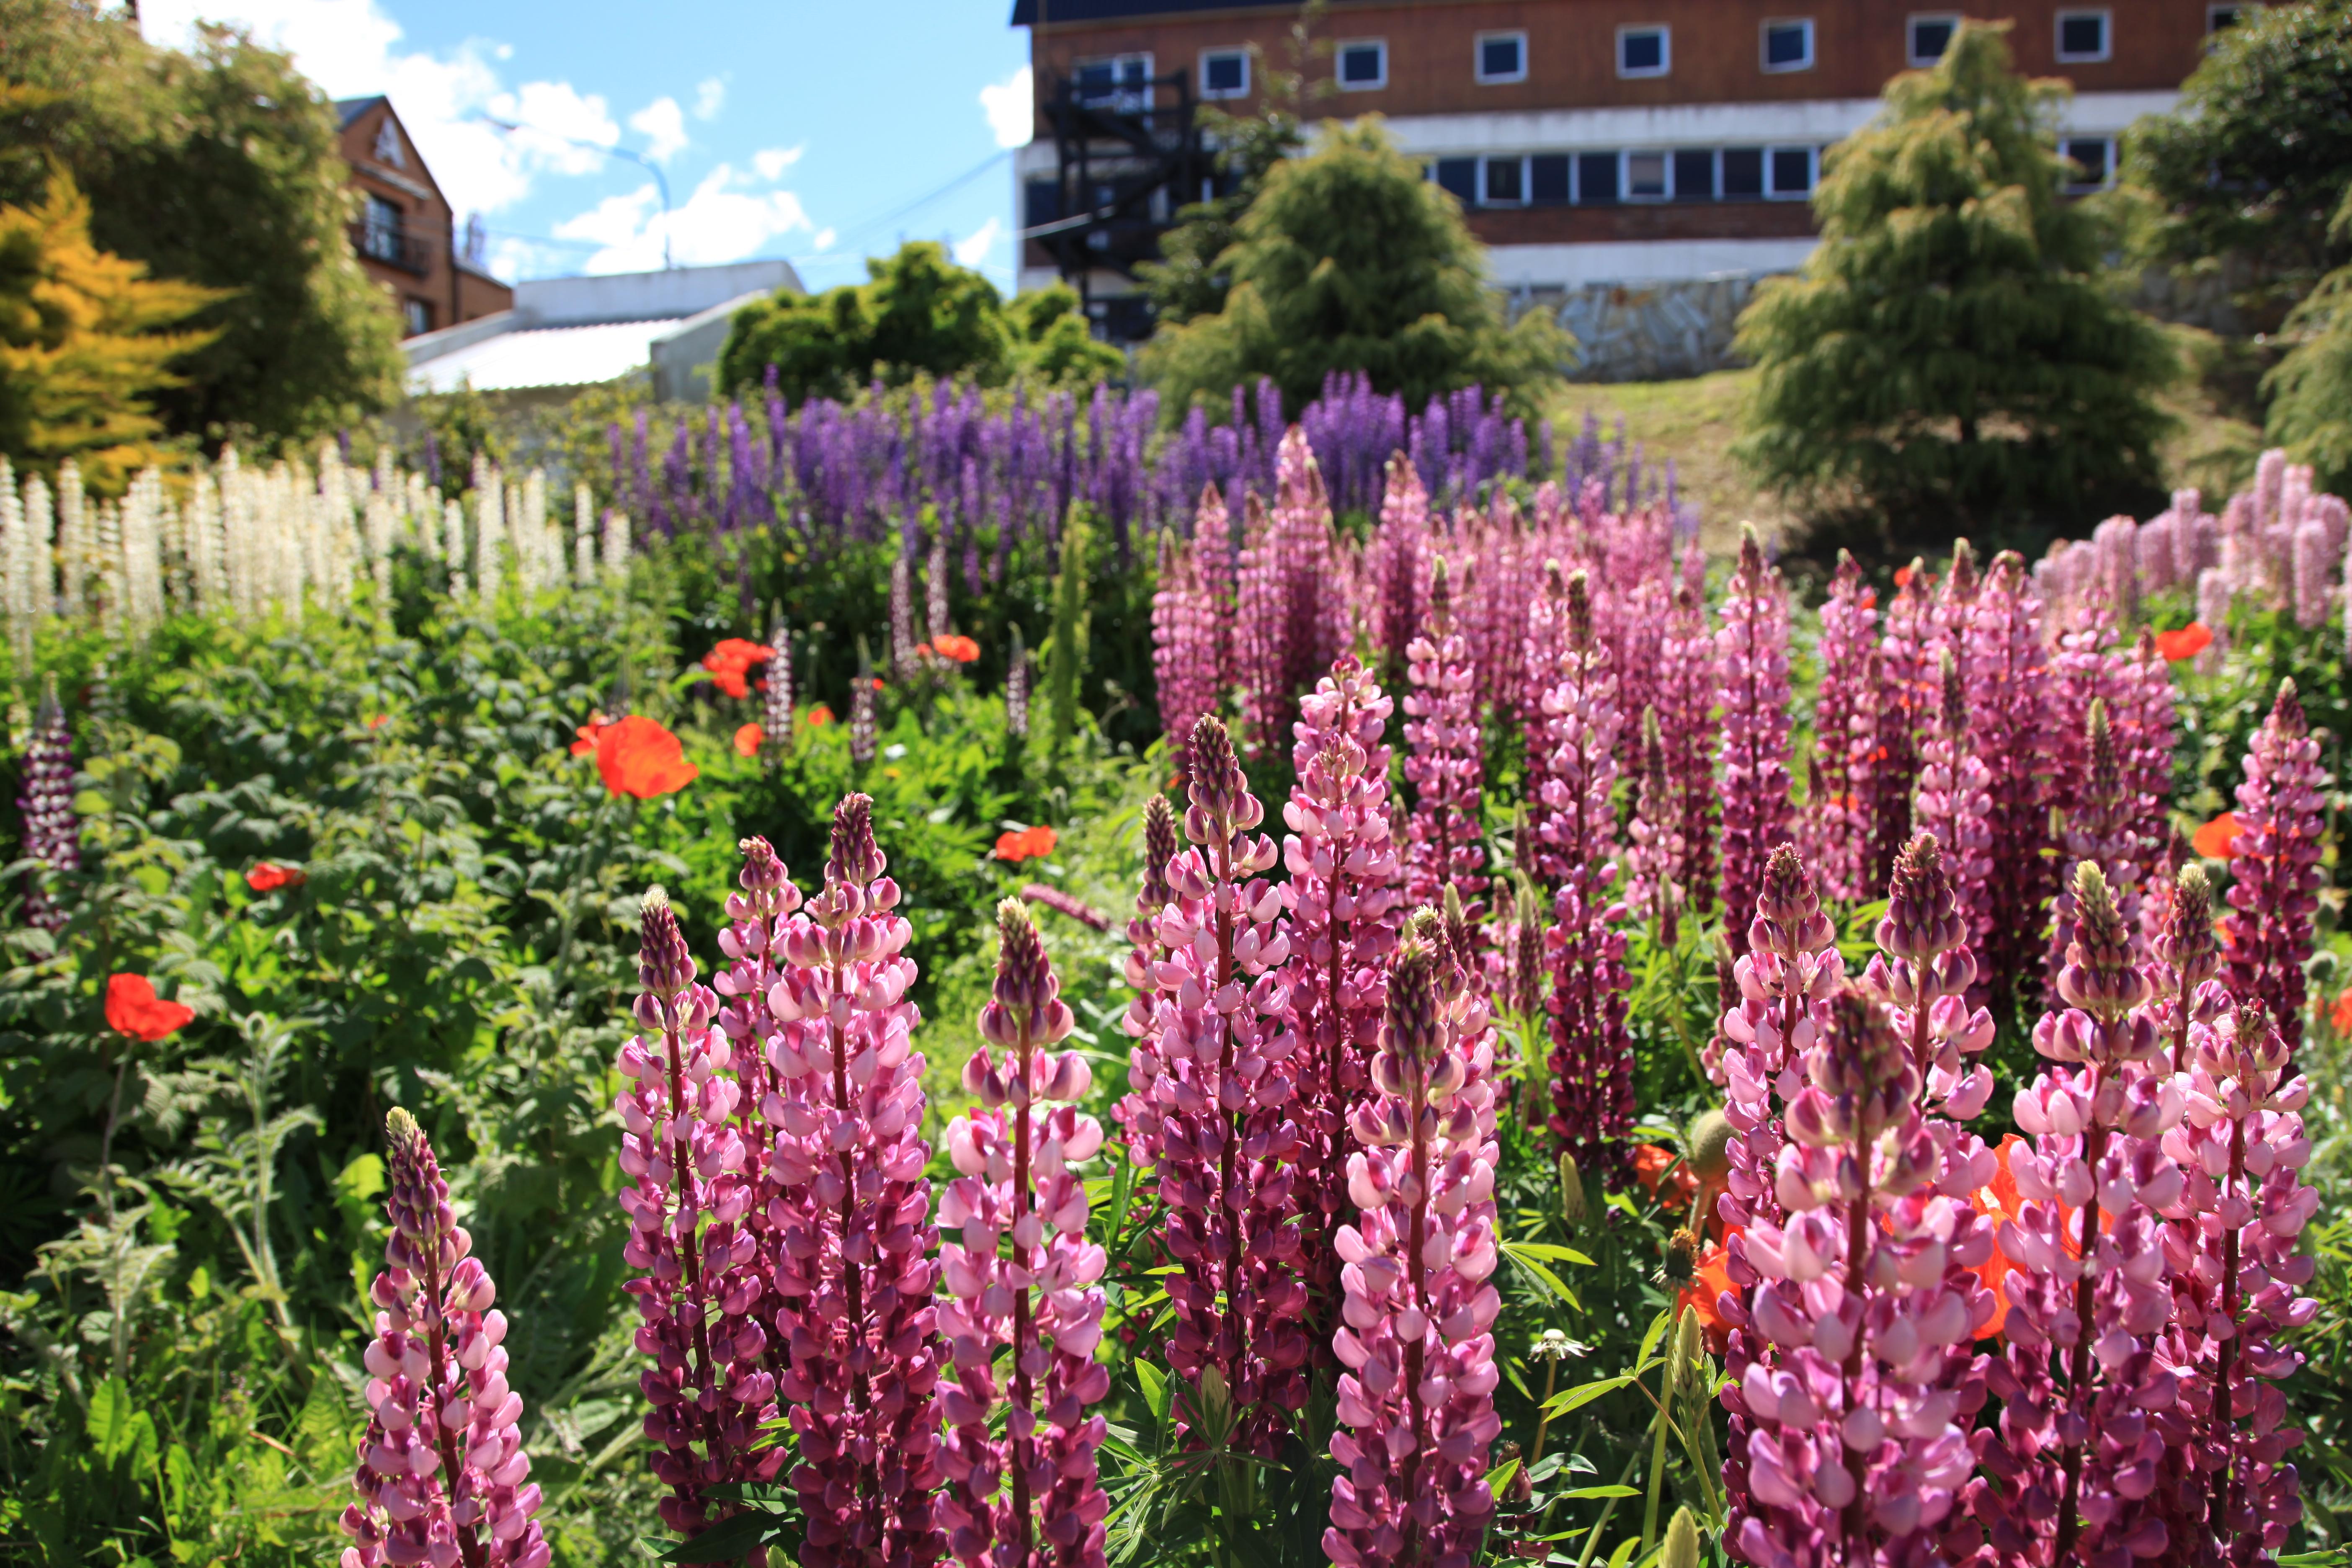 descriptive essay of a flower garden